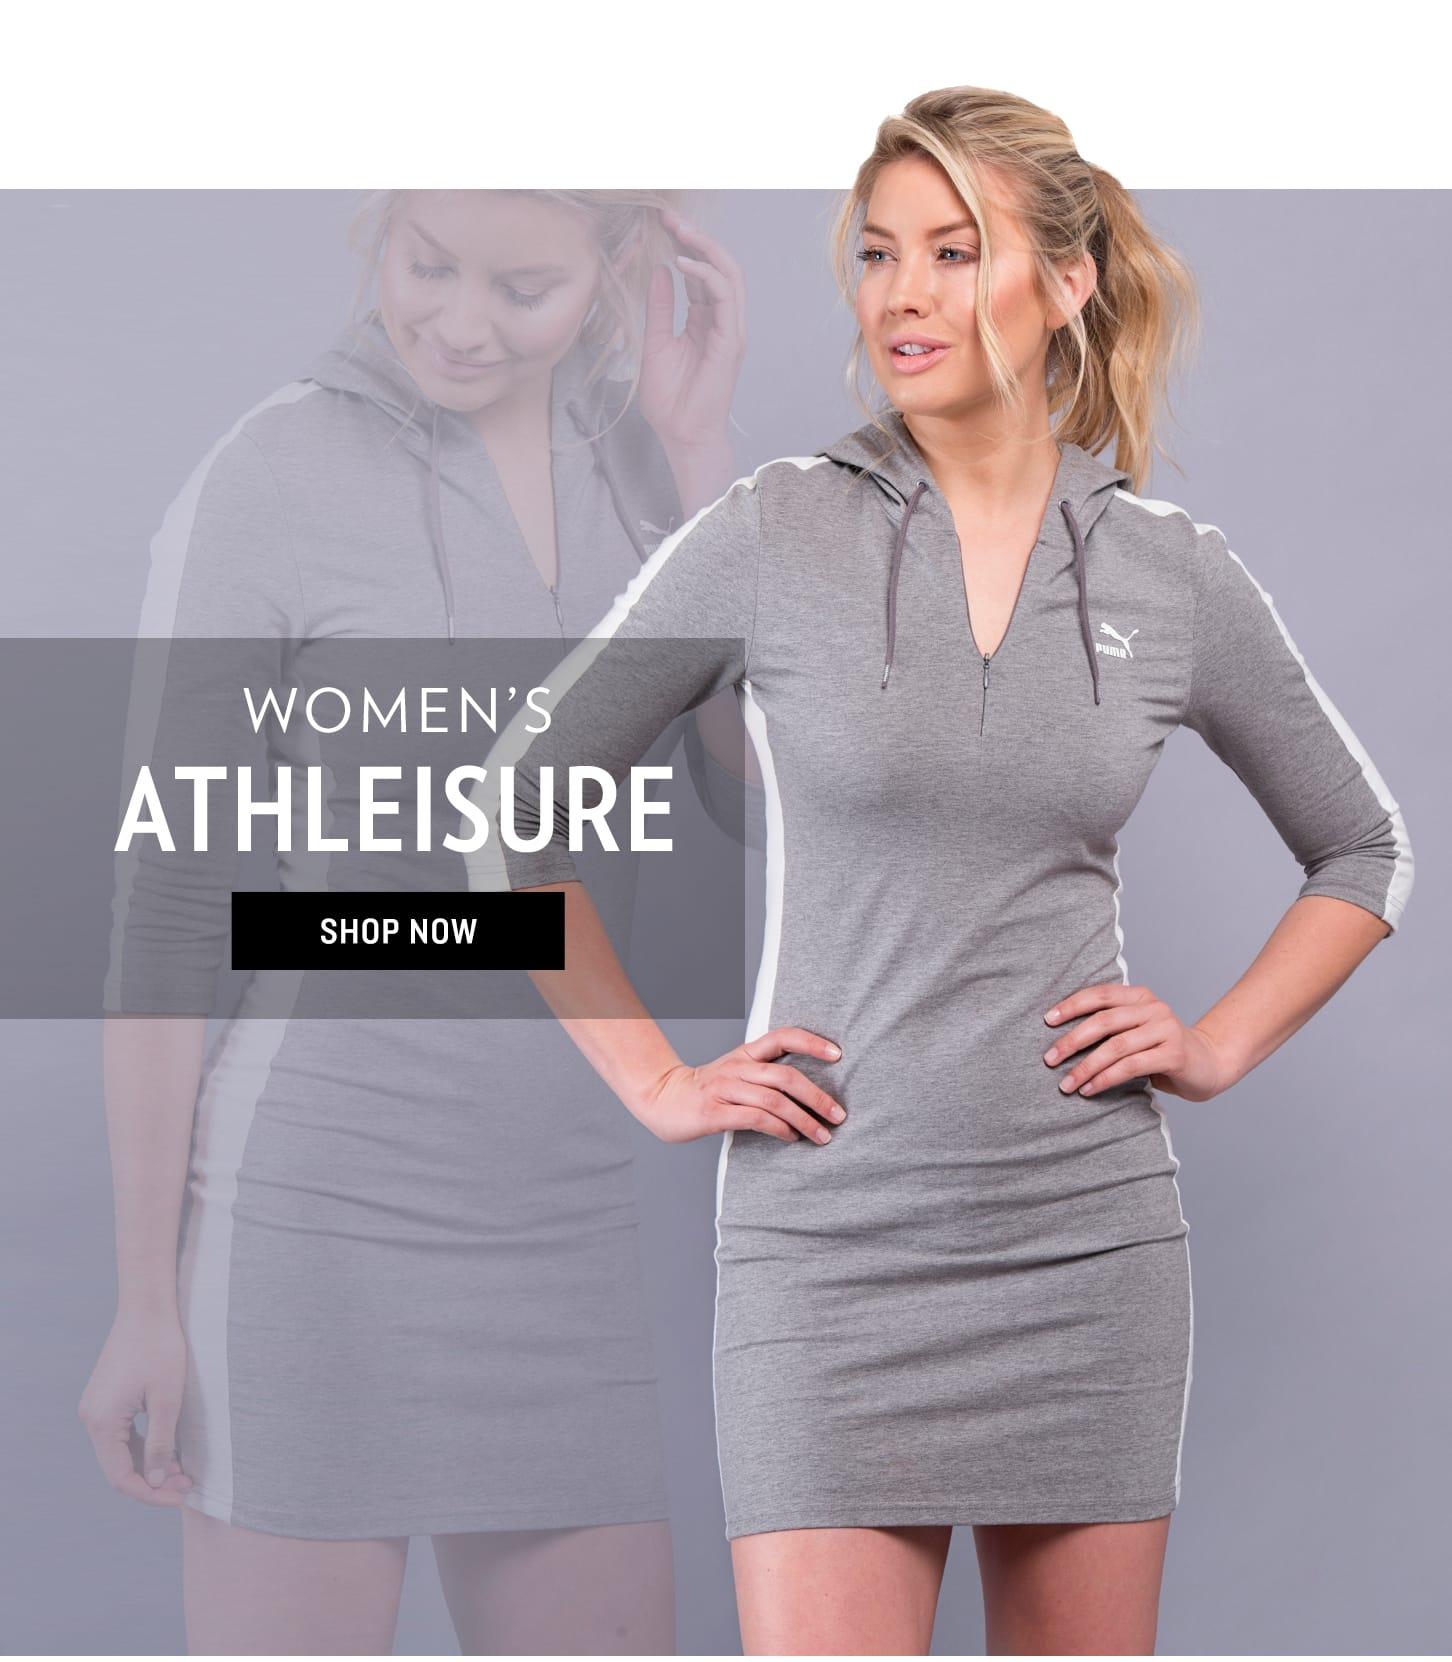 Shop Women's Athleisure